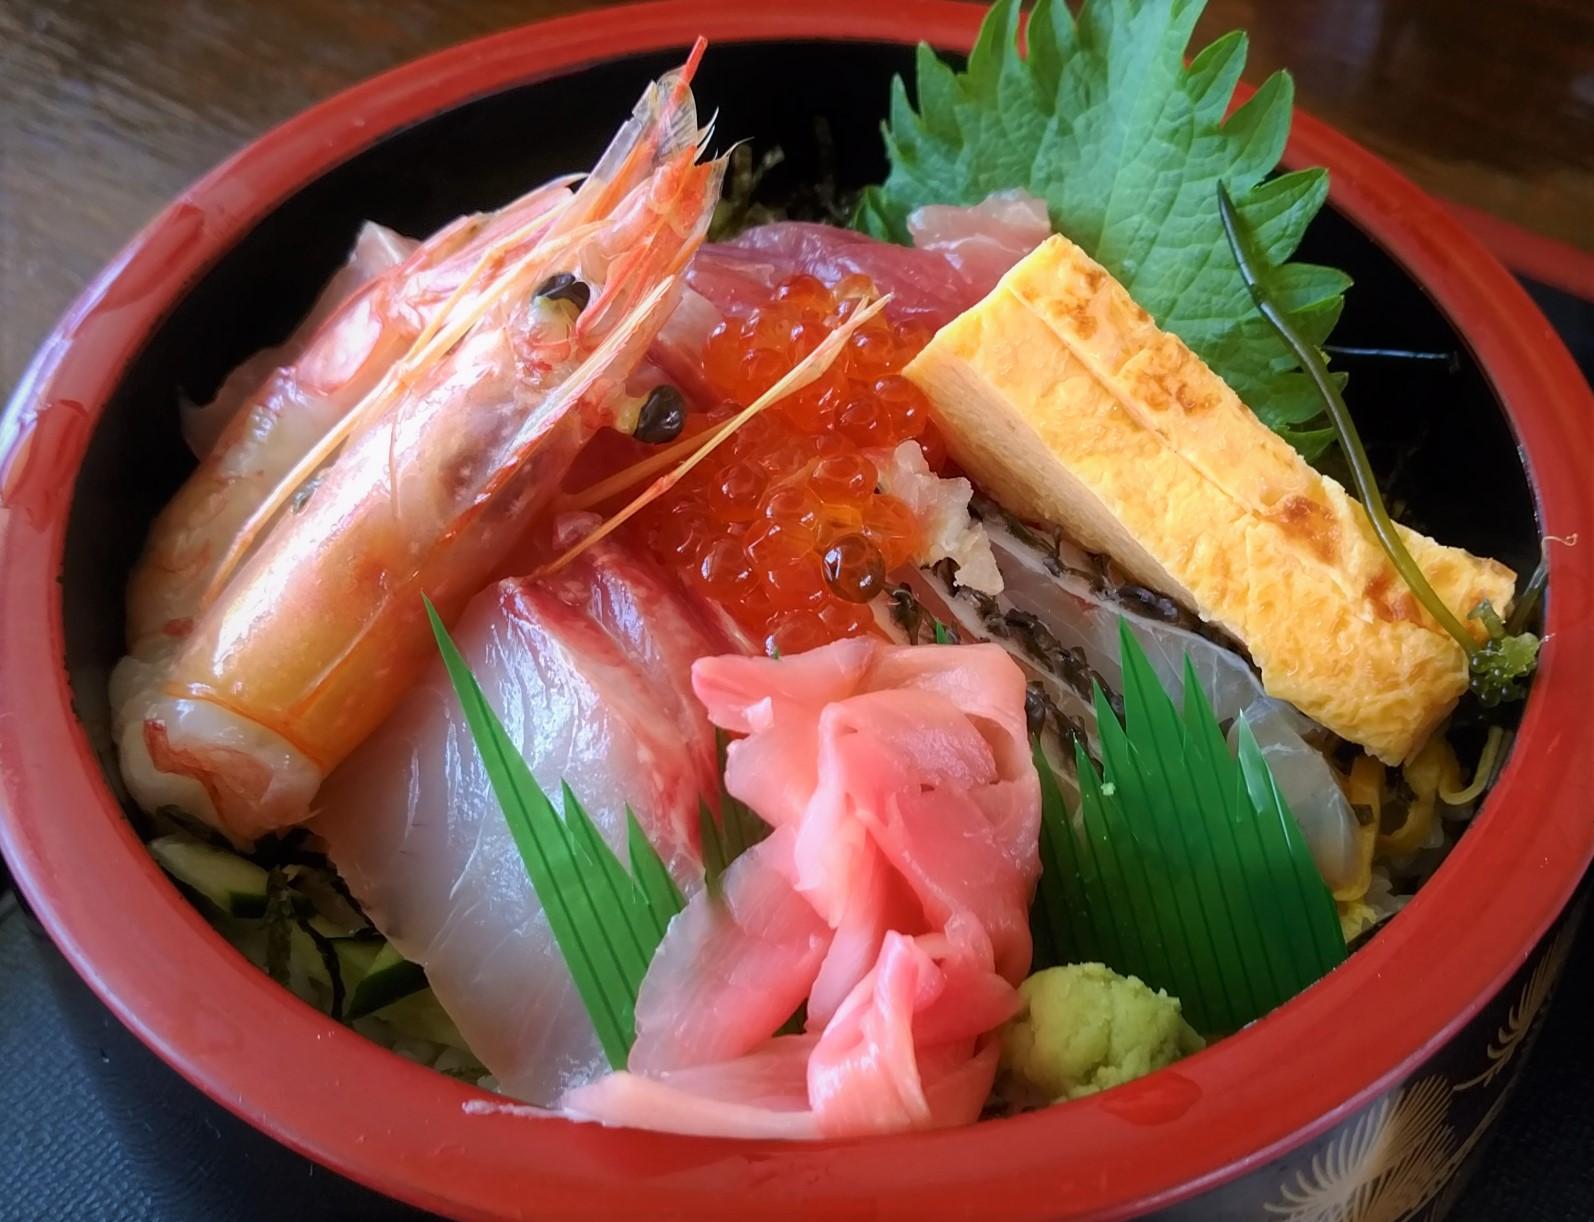 超新鮮な海の幸料理を食べるならここ!『海鮮食堂 味華』(うるま市)